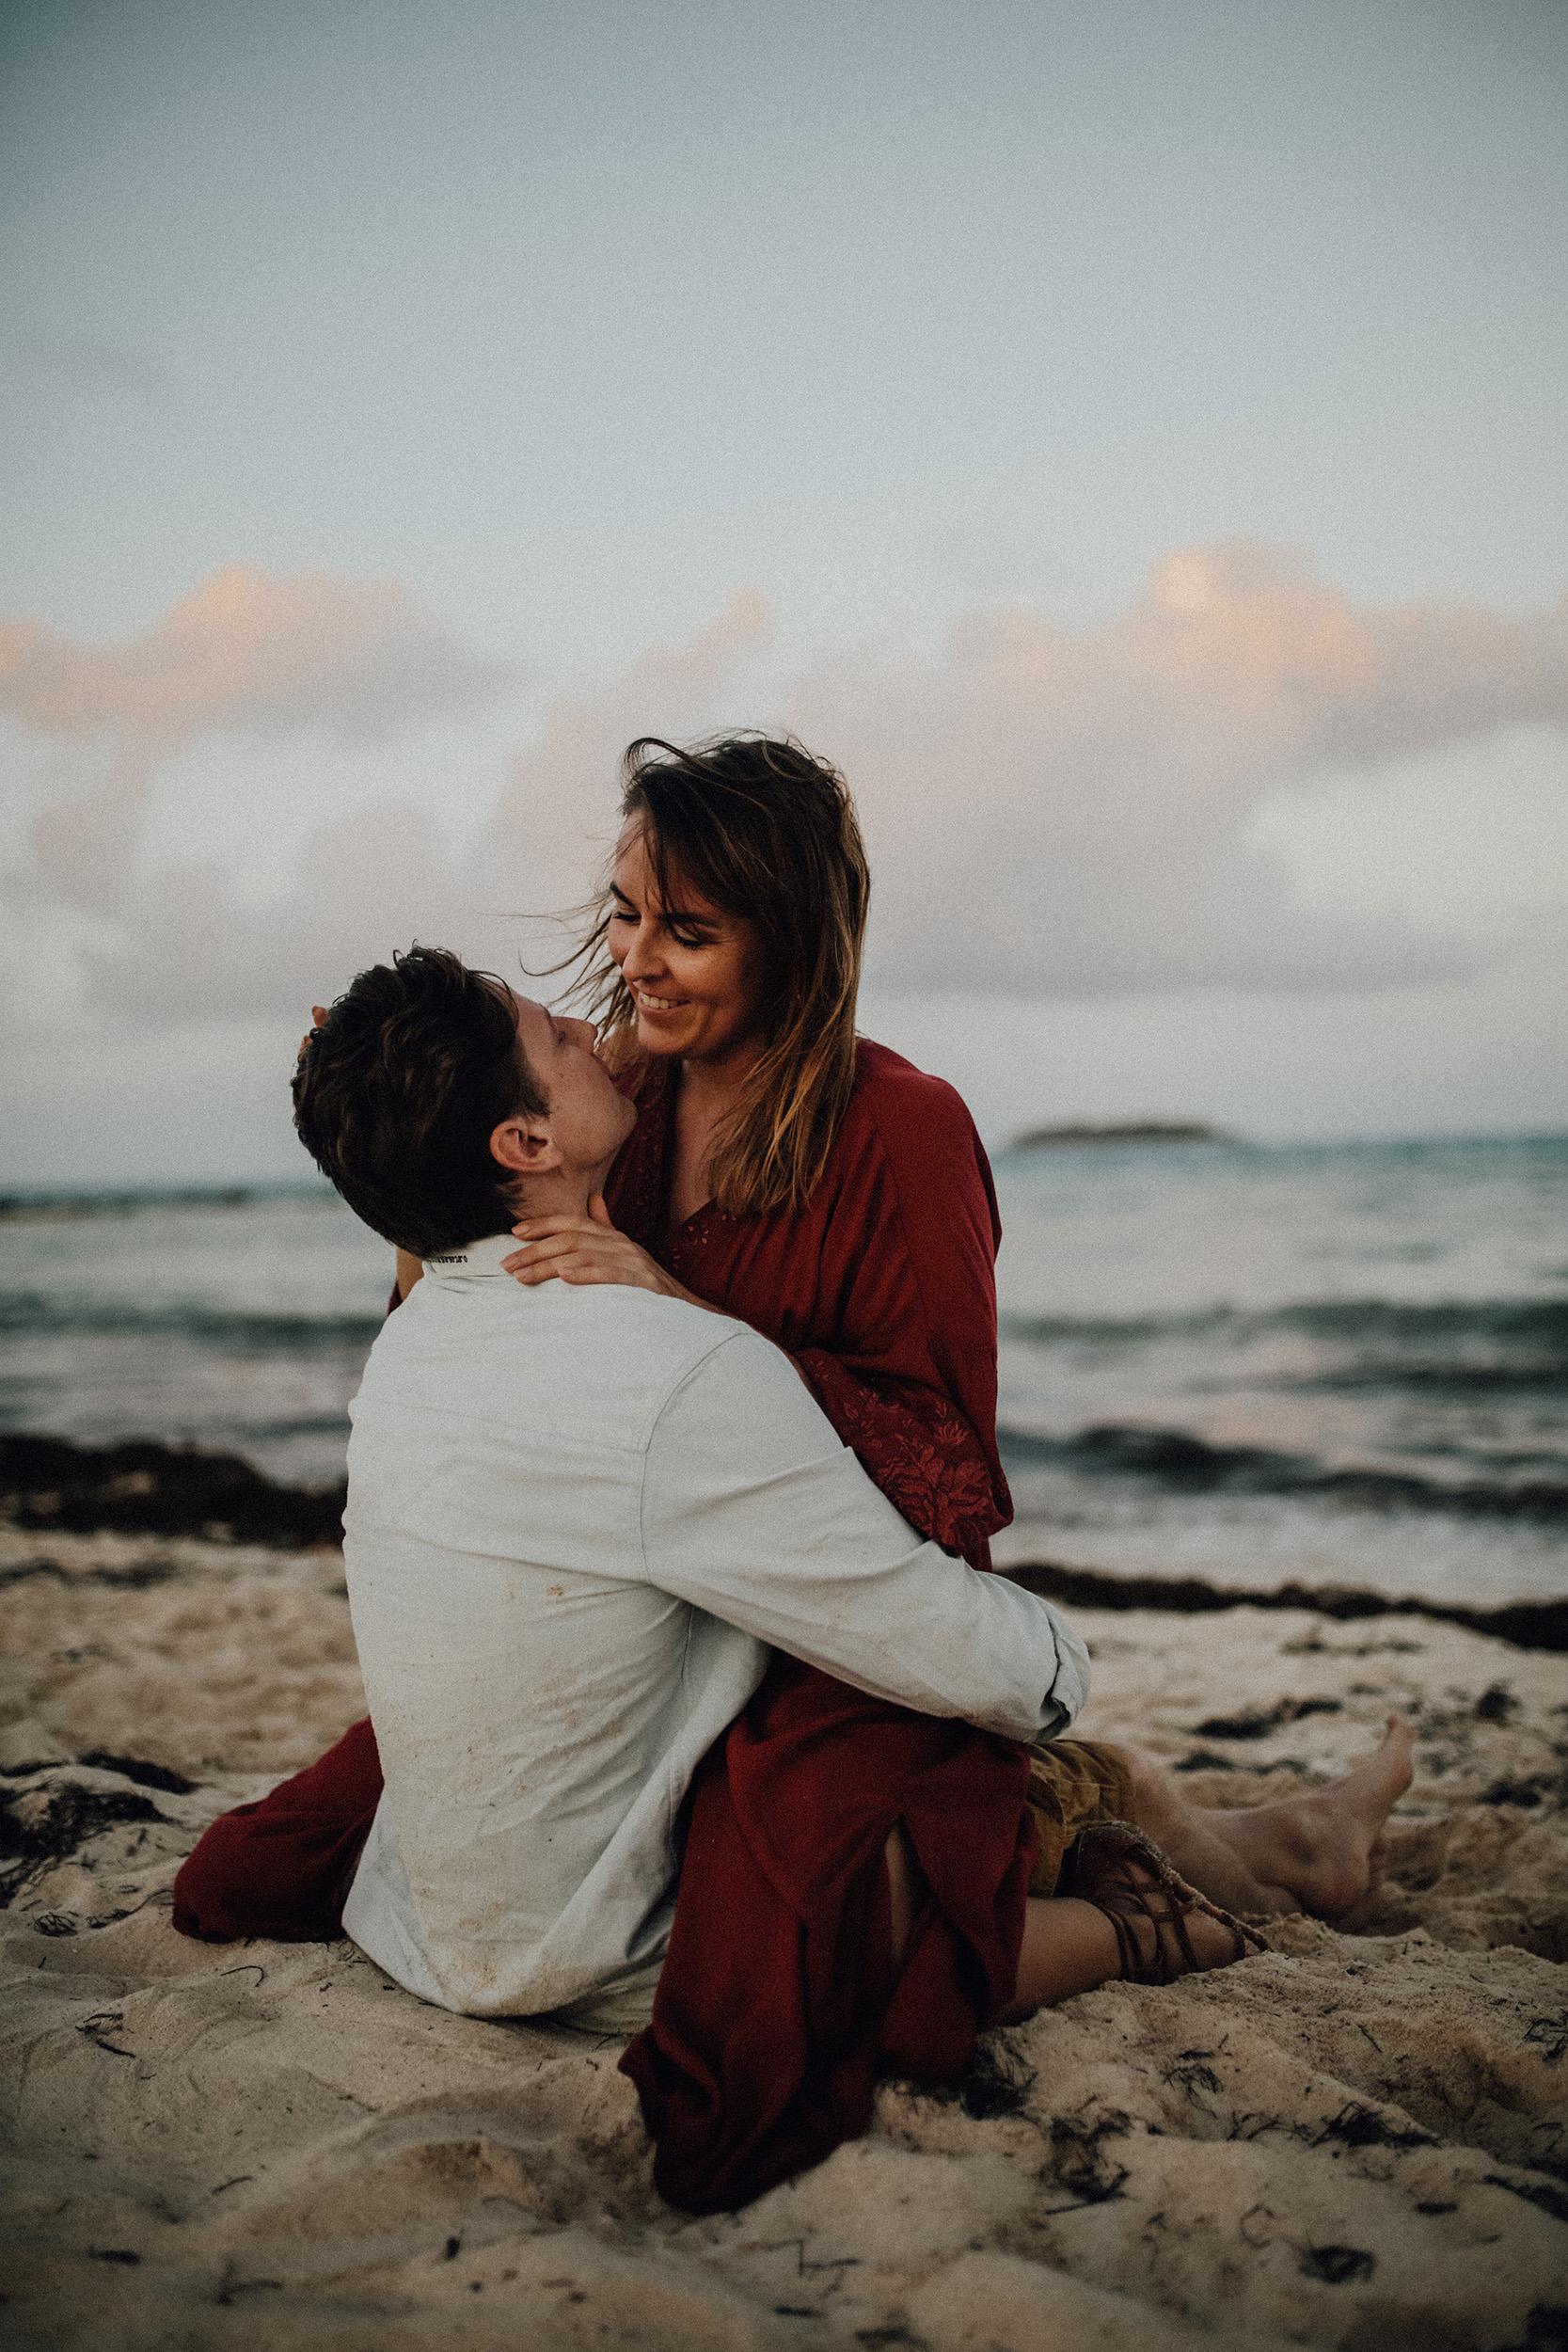 Alessia Epp Fotografie - Wenn ihr wirklich schöne und natürliche Fotos für eure Familie, Hochzeit oder ein Paarshooting sucht, dann empfehle ich euch die wunderbarste Person die ich kenne.Meine beste Freundin und Liebe meines Lebens.Sie macht beeindruckende Bilder.Ihr solltet euch ihre Bilder mal anschauen.